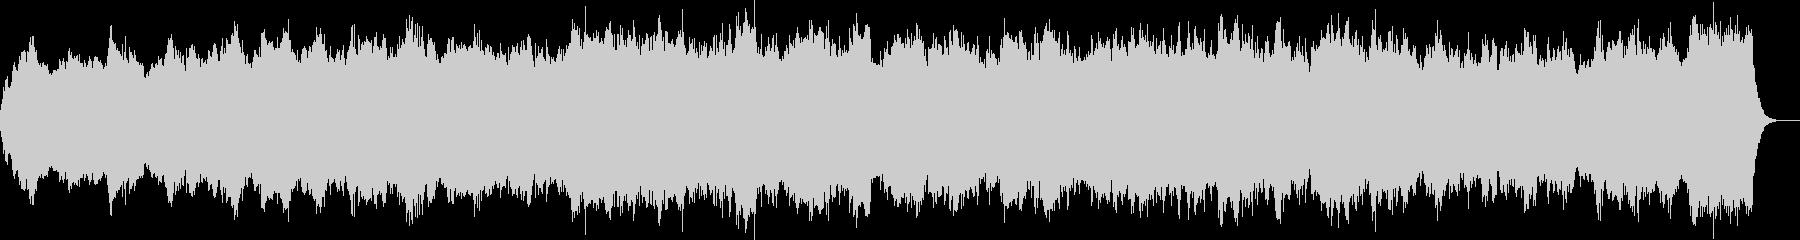 バッハのようなパイプオルガンのオリジナルの未再生の波形